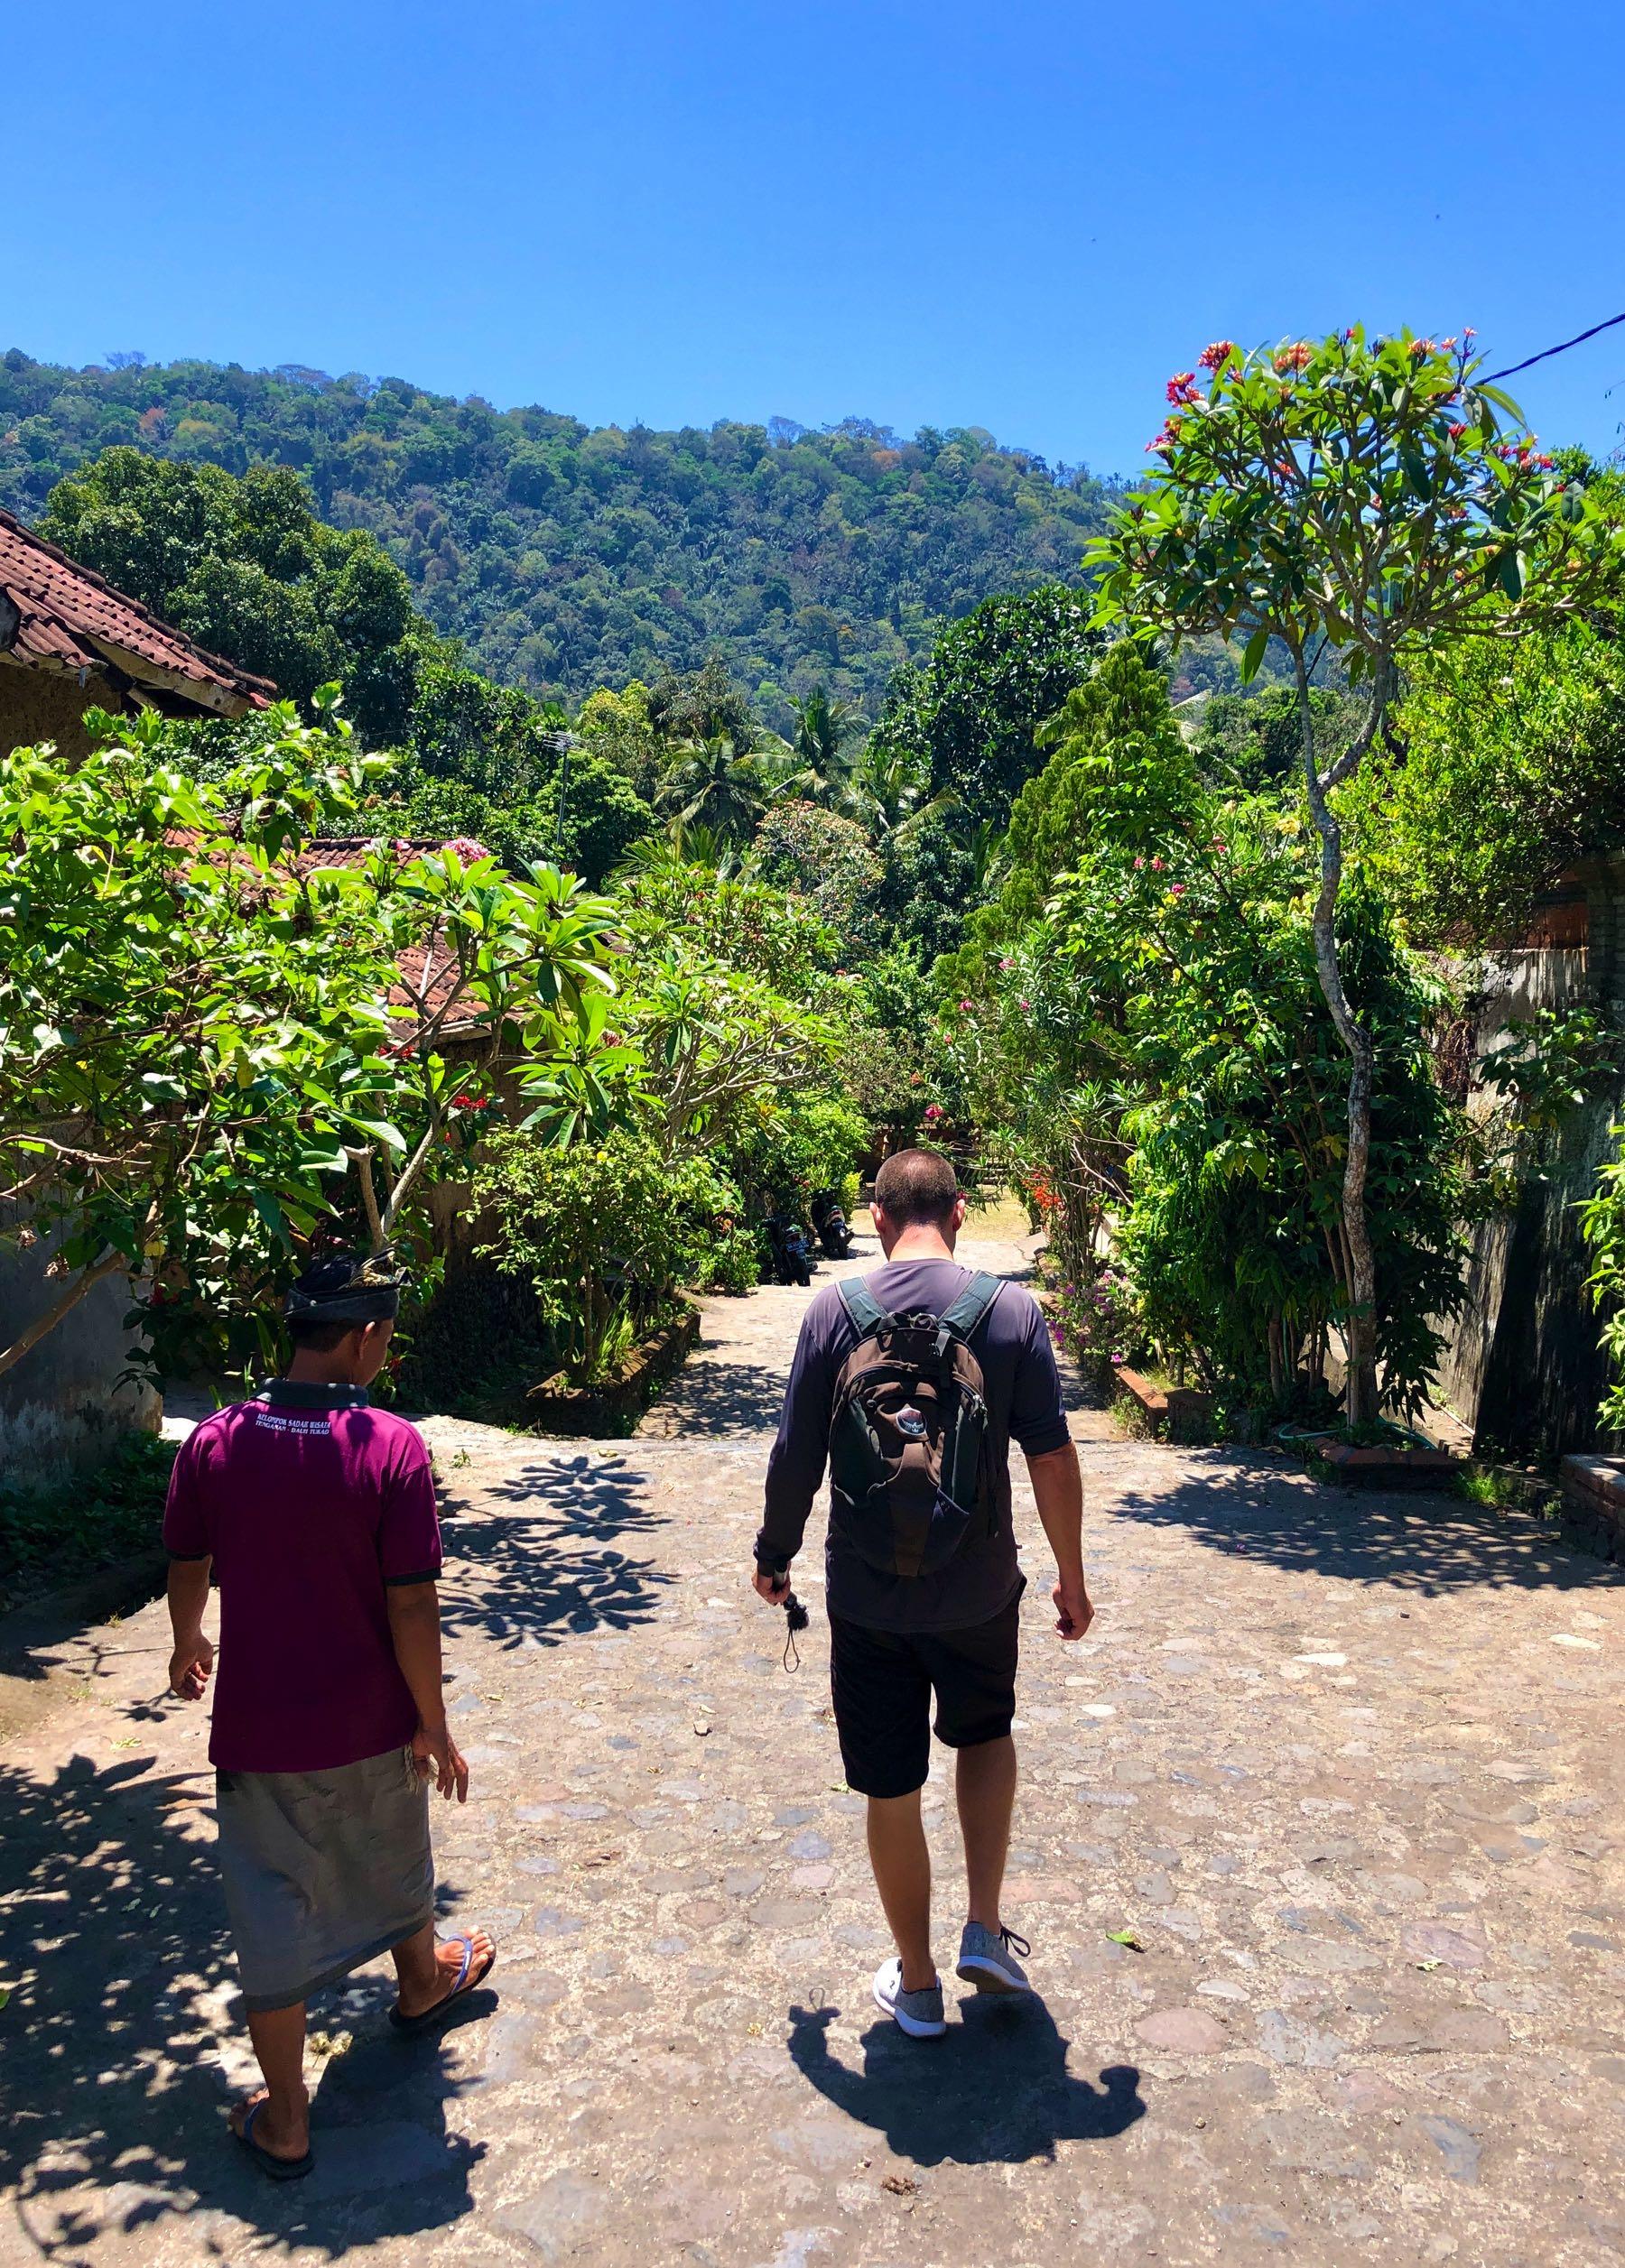 village of tenganan walking